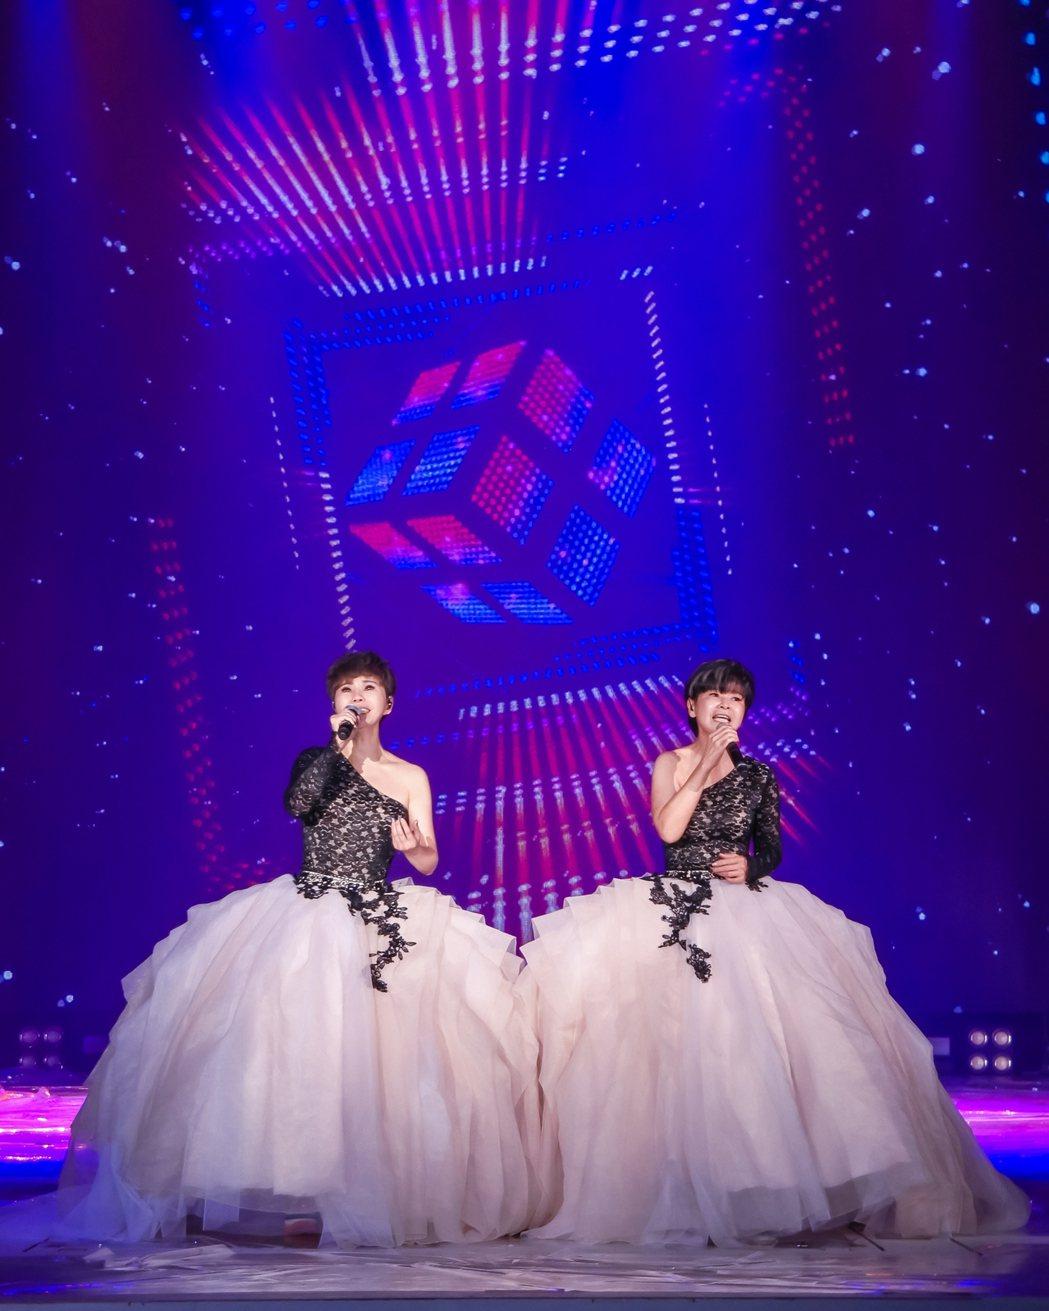 詹雅雯(左)邀妹妹詹雅云擔任嘉賓。圖/寬宏提供